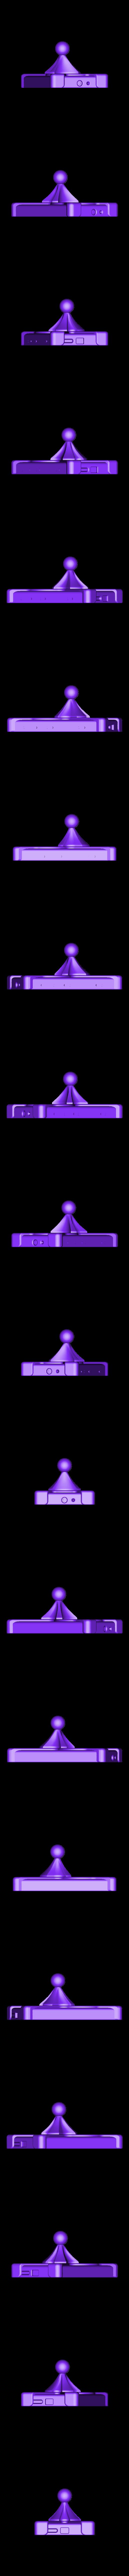 carcasa_armada__nokia__1020.stl Télécharger fichier STL gratuit Estuche, funda protectora Nokia Lumia 1020, con sistema articulado • Design pour imprimante 3D, saginau